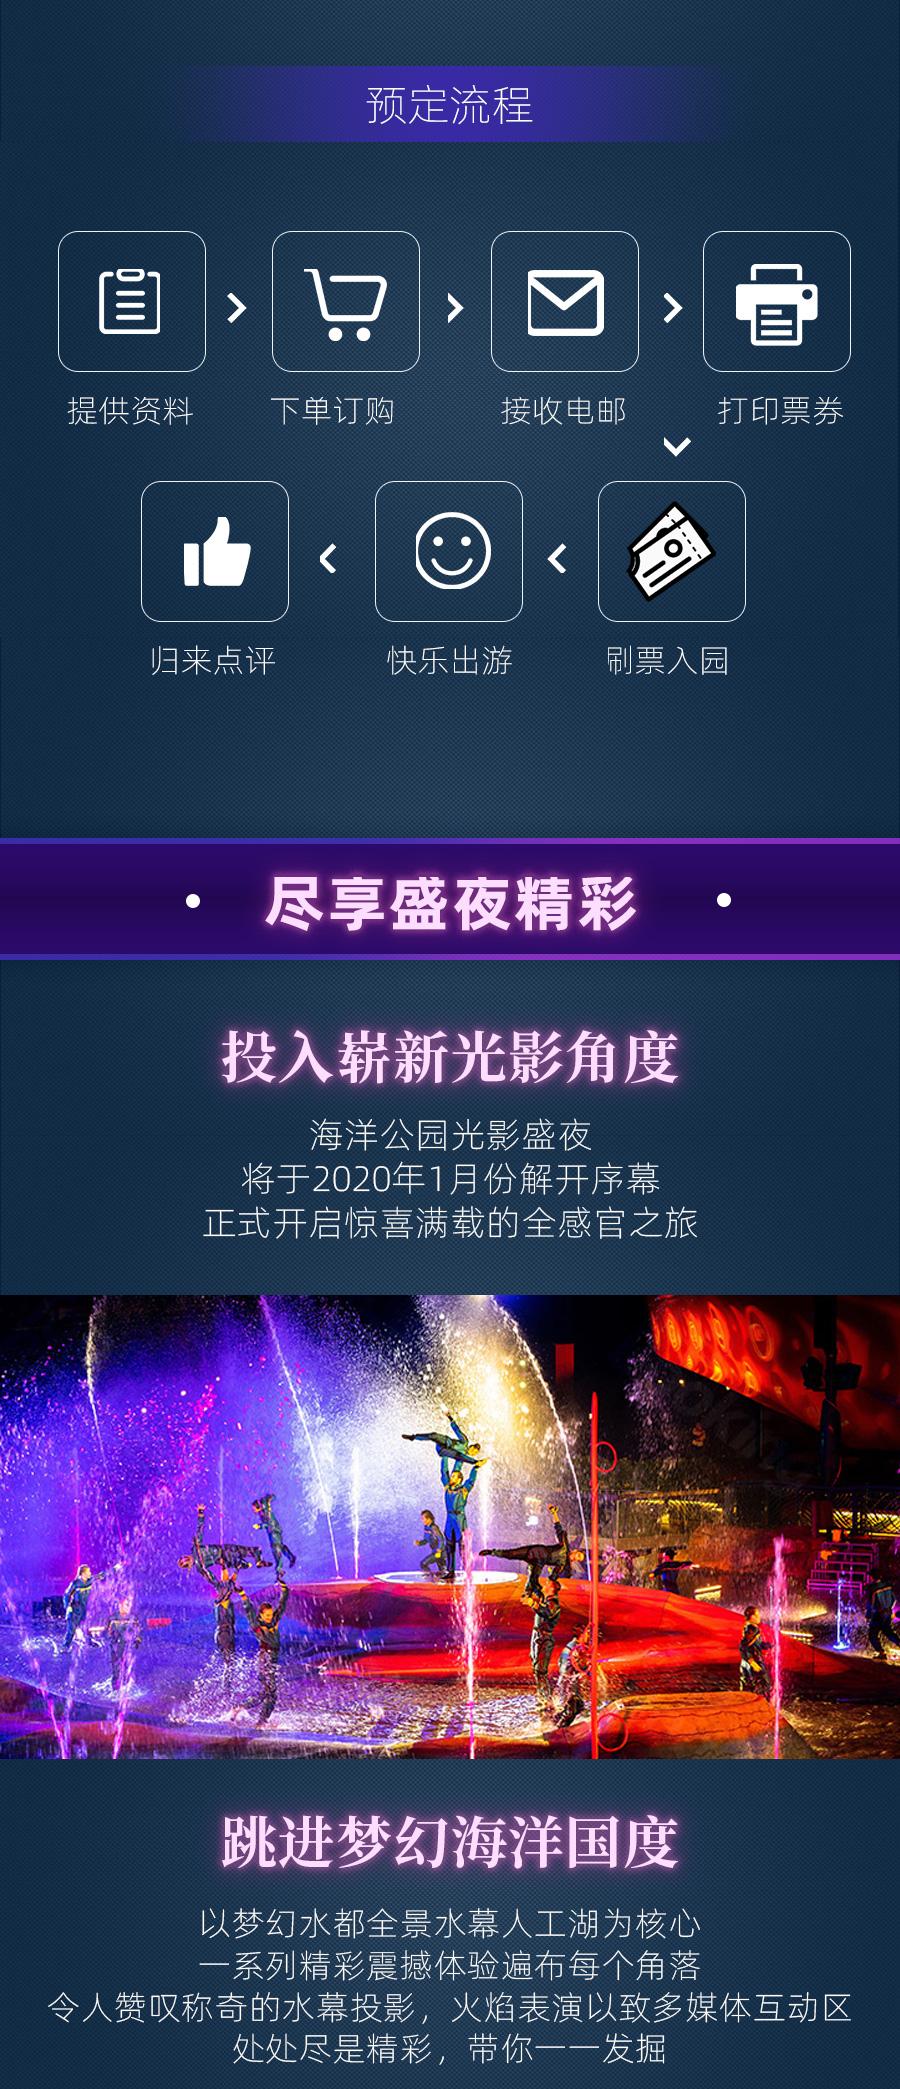 香港海洋公园光影盛夜_03.jpg